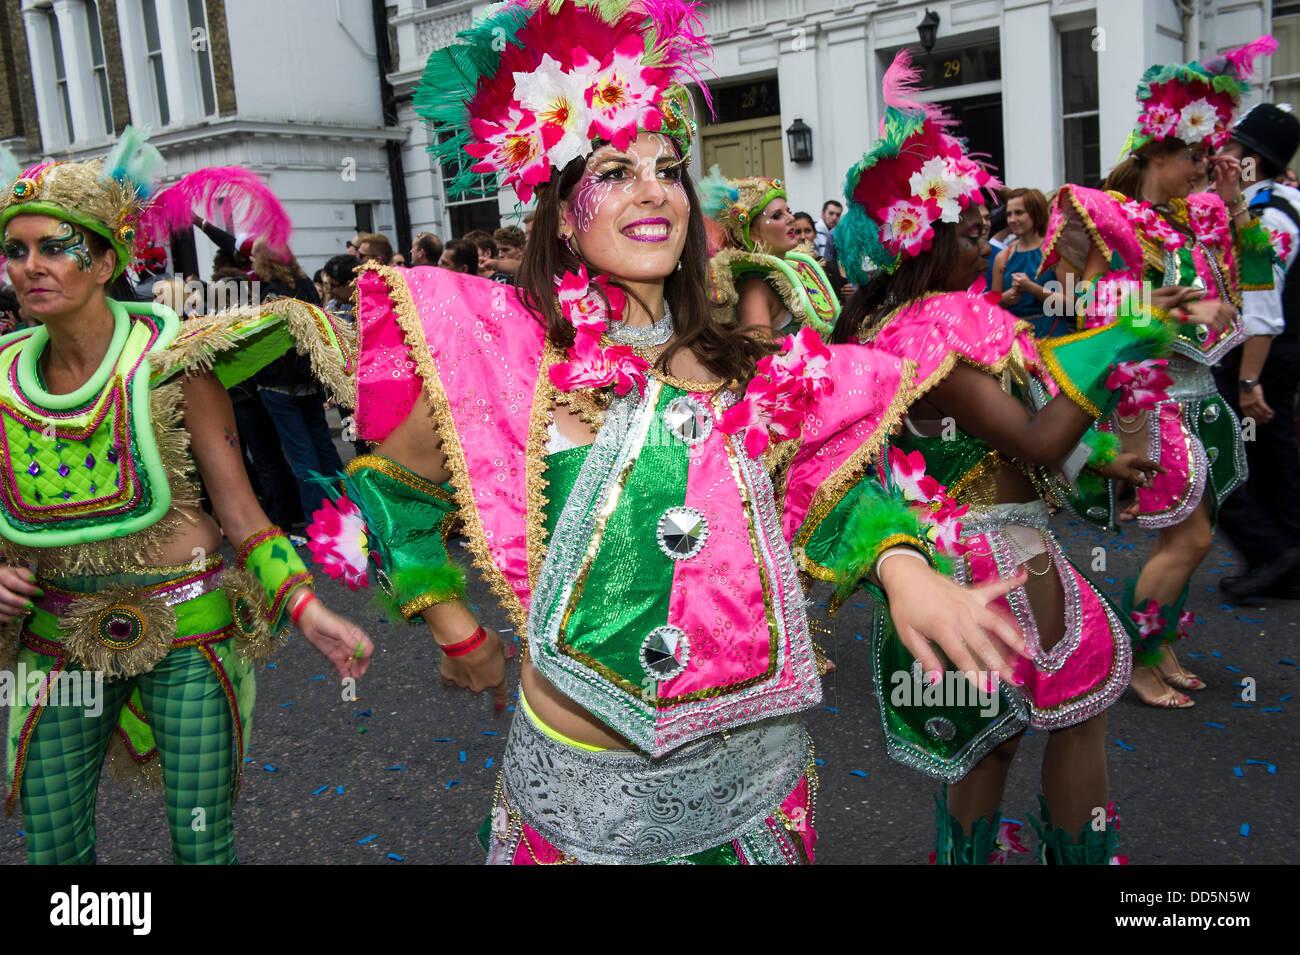 Londres, Reino Unido. 26 Aug, 2013. Paraíso de la escuela de samba realizar en el Carnaval de Notting Hill, Imagen De Stock